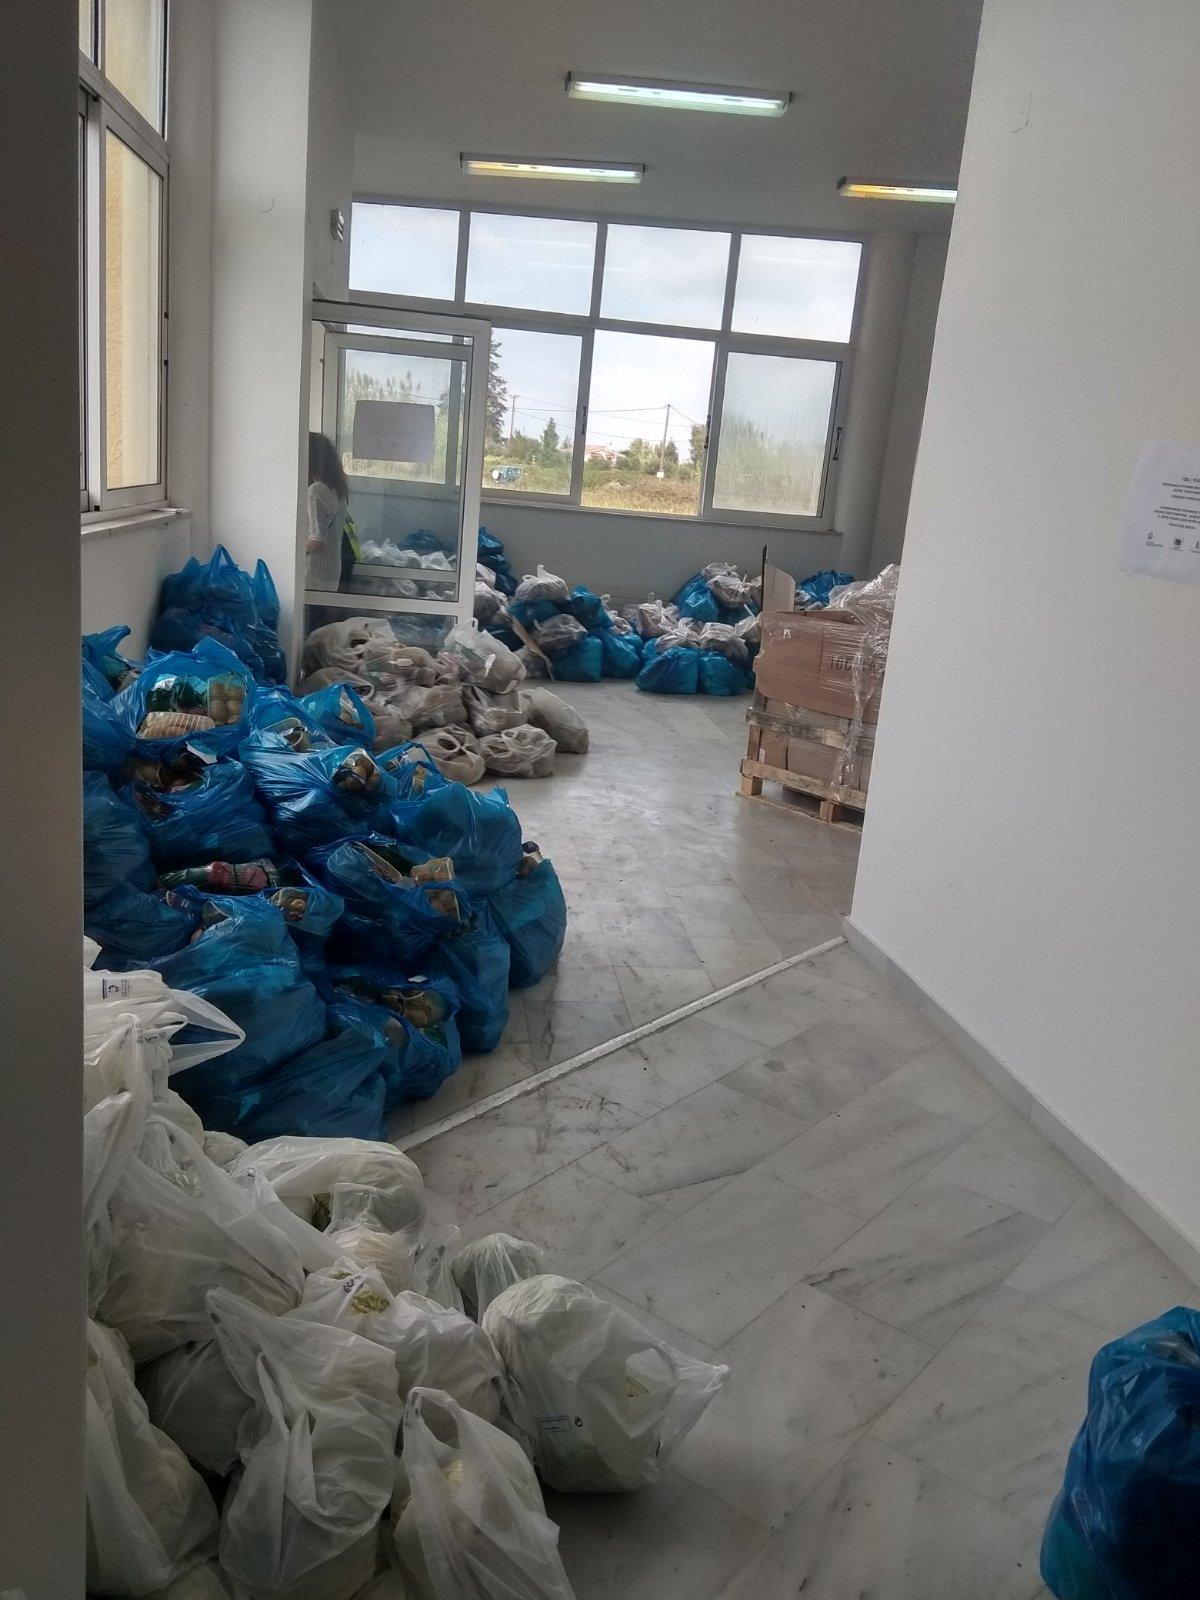 Δήμος Ανδραβίδας-Κυλλήνης: Παρουσία του Δημάρχου Γ. Λέντζα πραγματοποιήθηκε η διανομή τροφίμων σε δικαιούχους ΤΕΒΑ (photos)Α